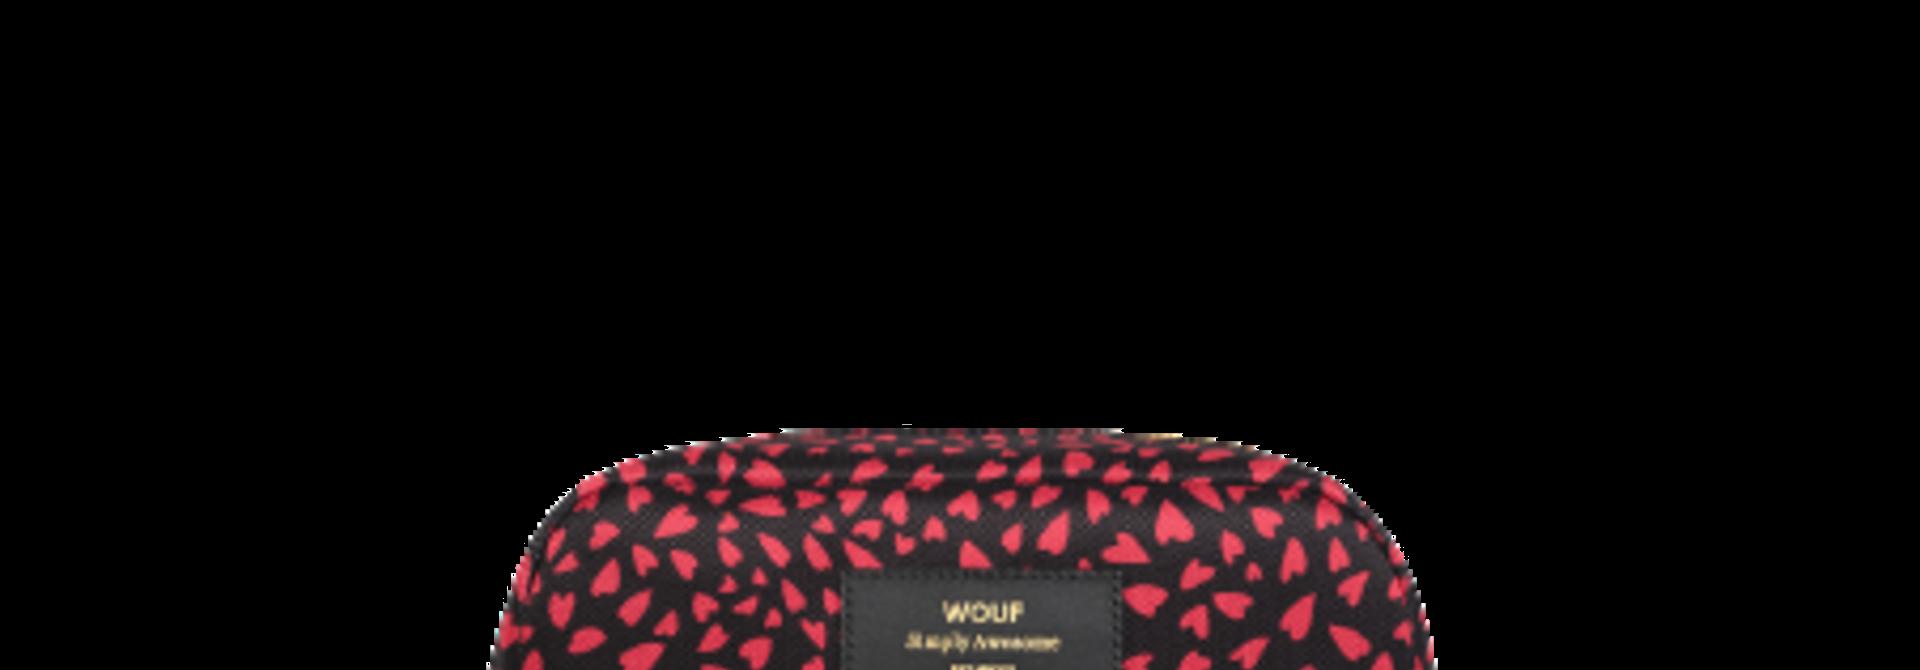 WOUF - Hearts Makeup Bag